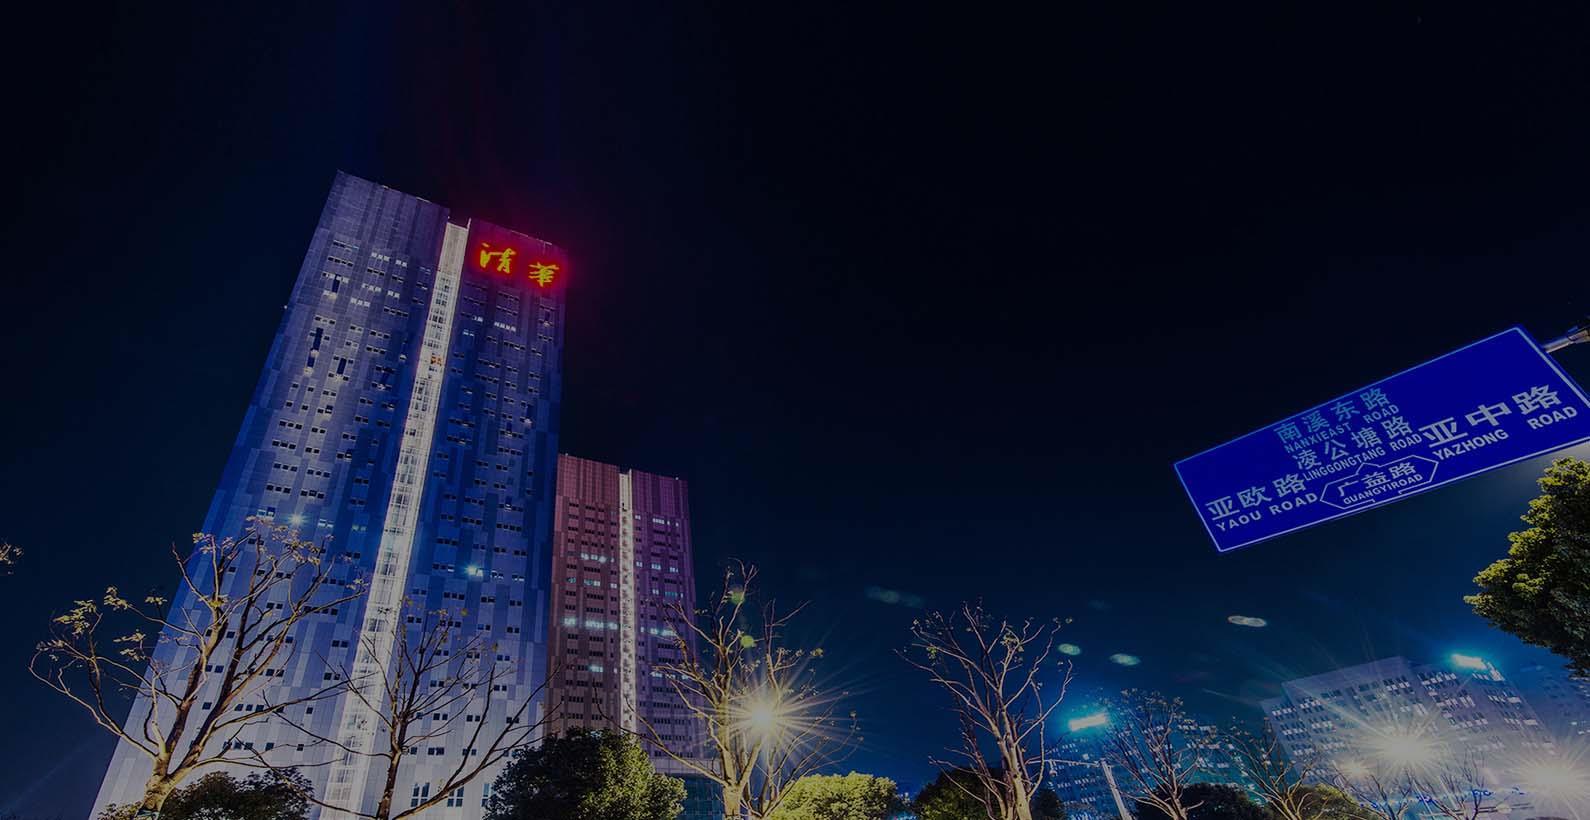 麒盛科技与浙江清华长三角研究院合作成立研究院